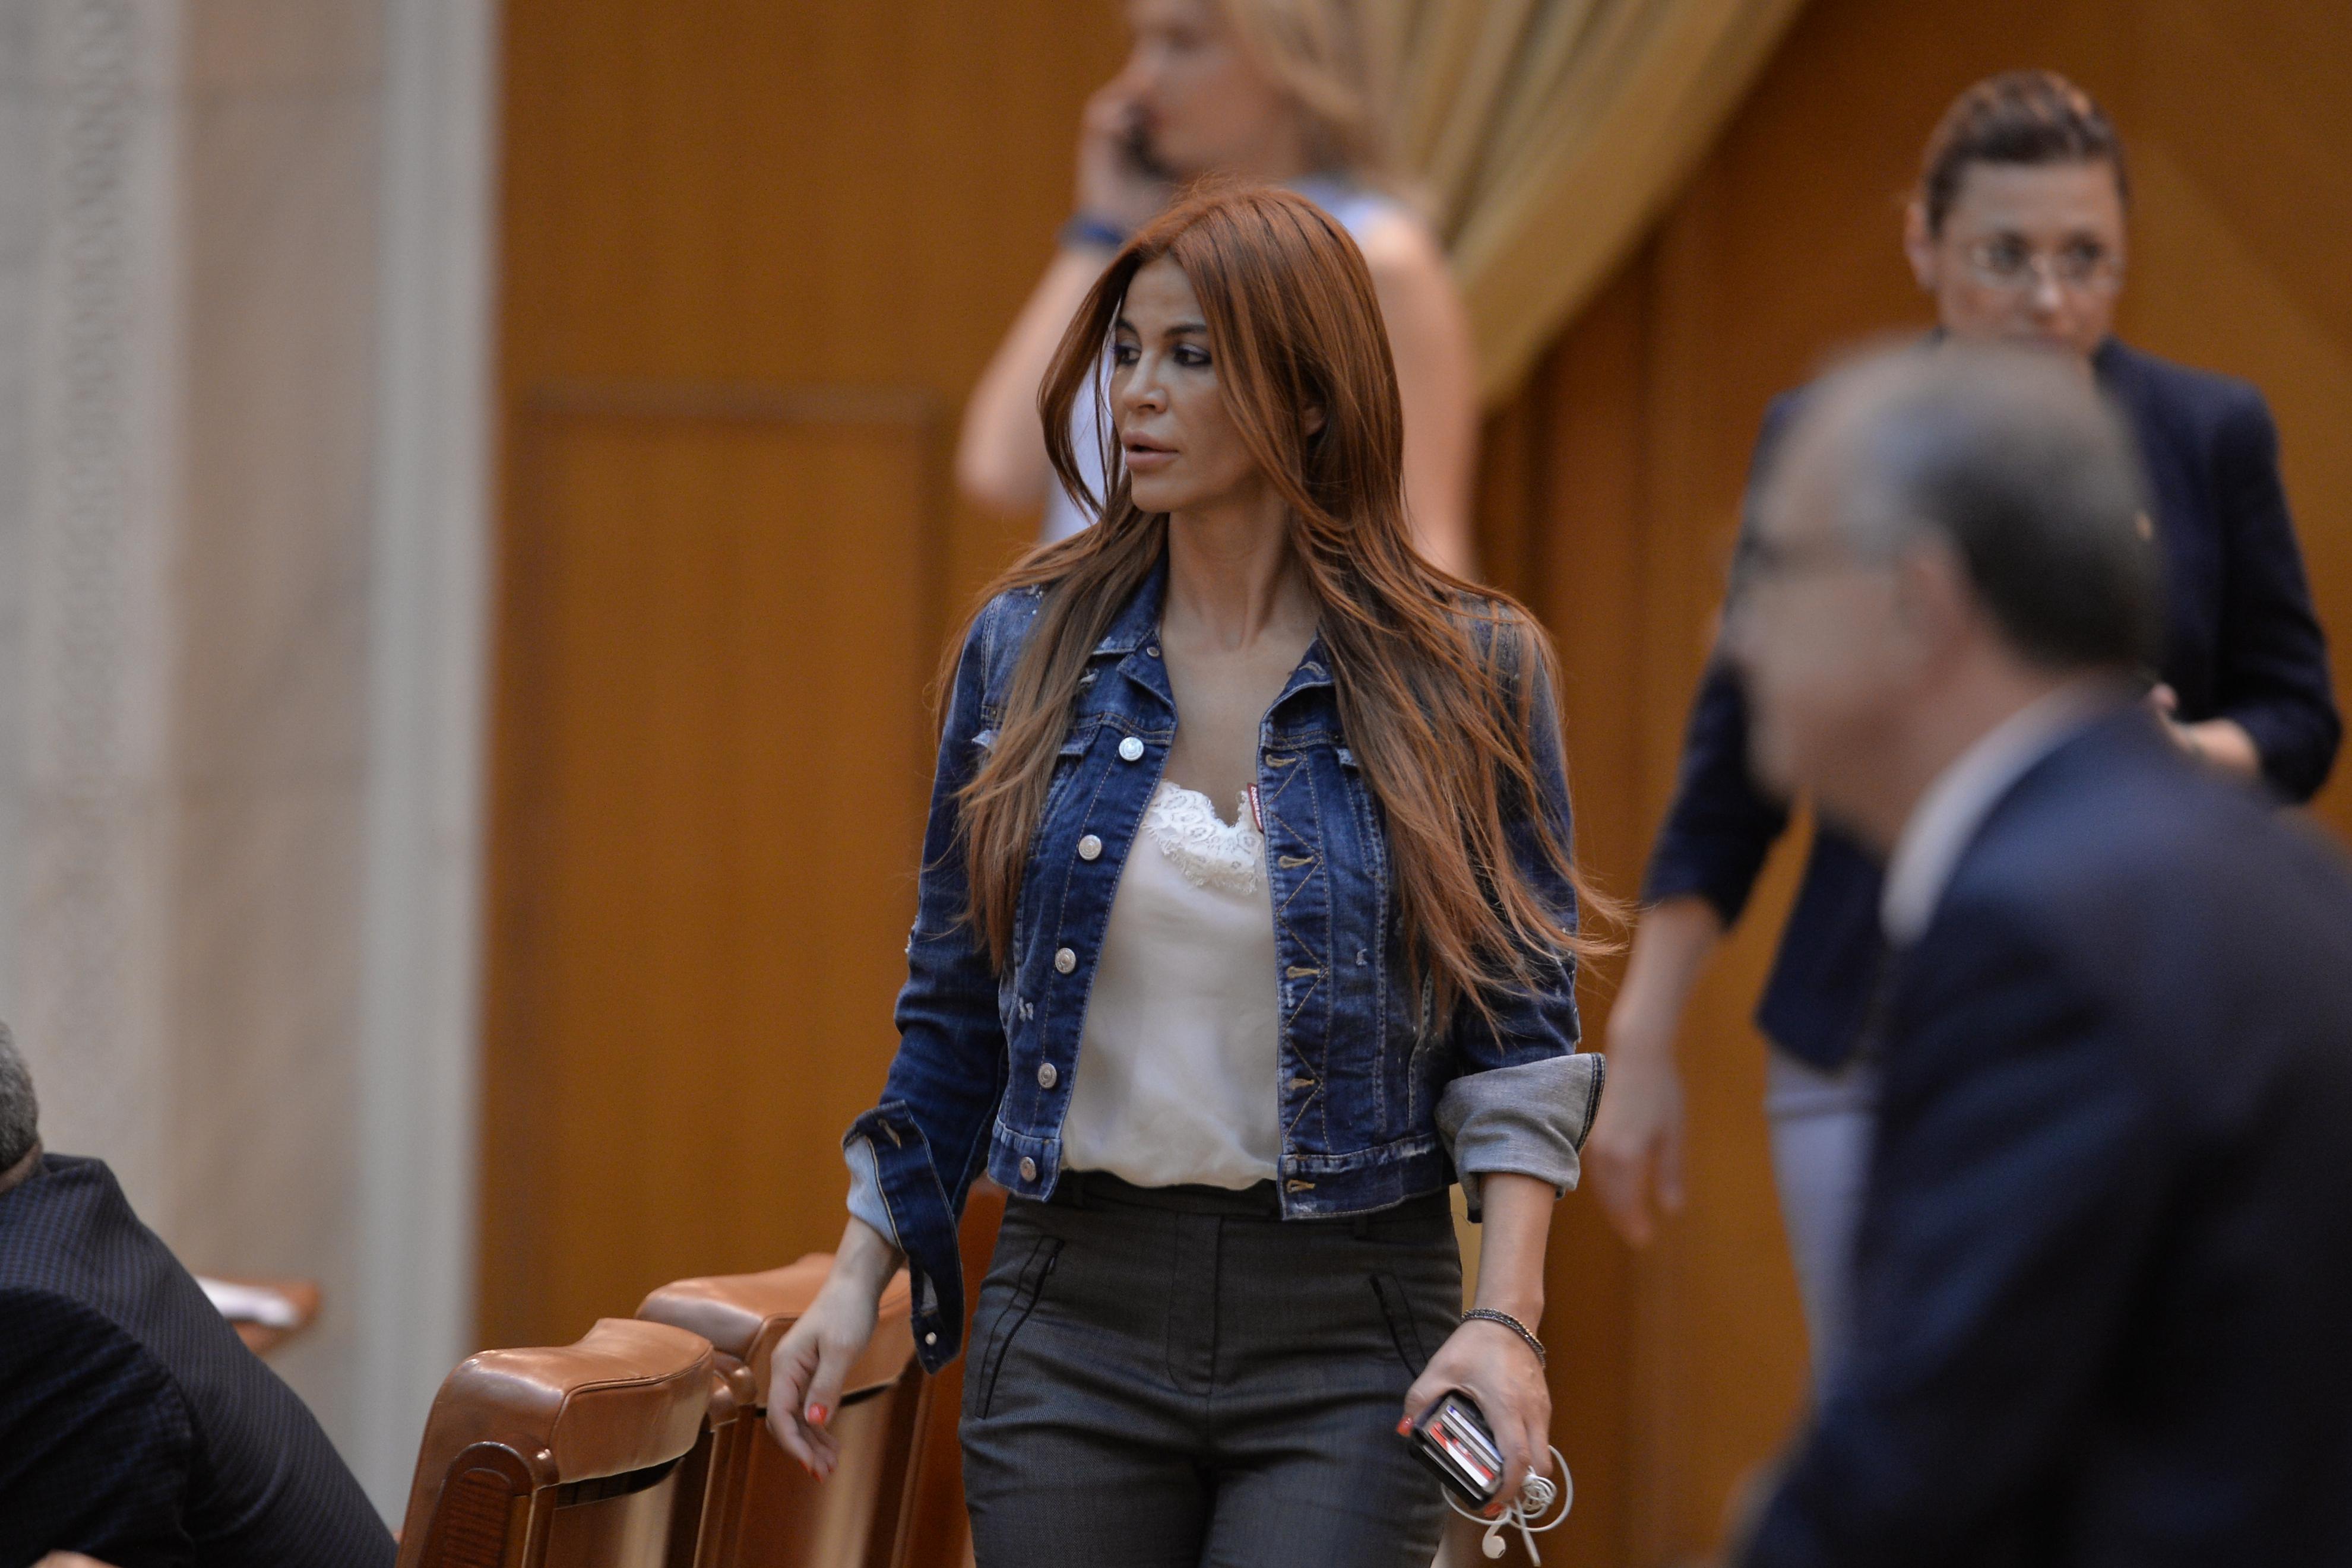 Deputatul Andreea Cosma, plângere penală împotriva procurorului Negulescu. Parlamentarul solicită şi despăgubiri materiale